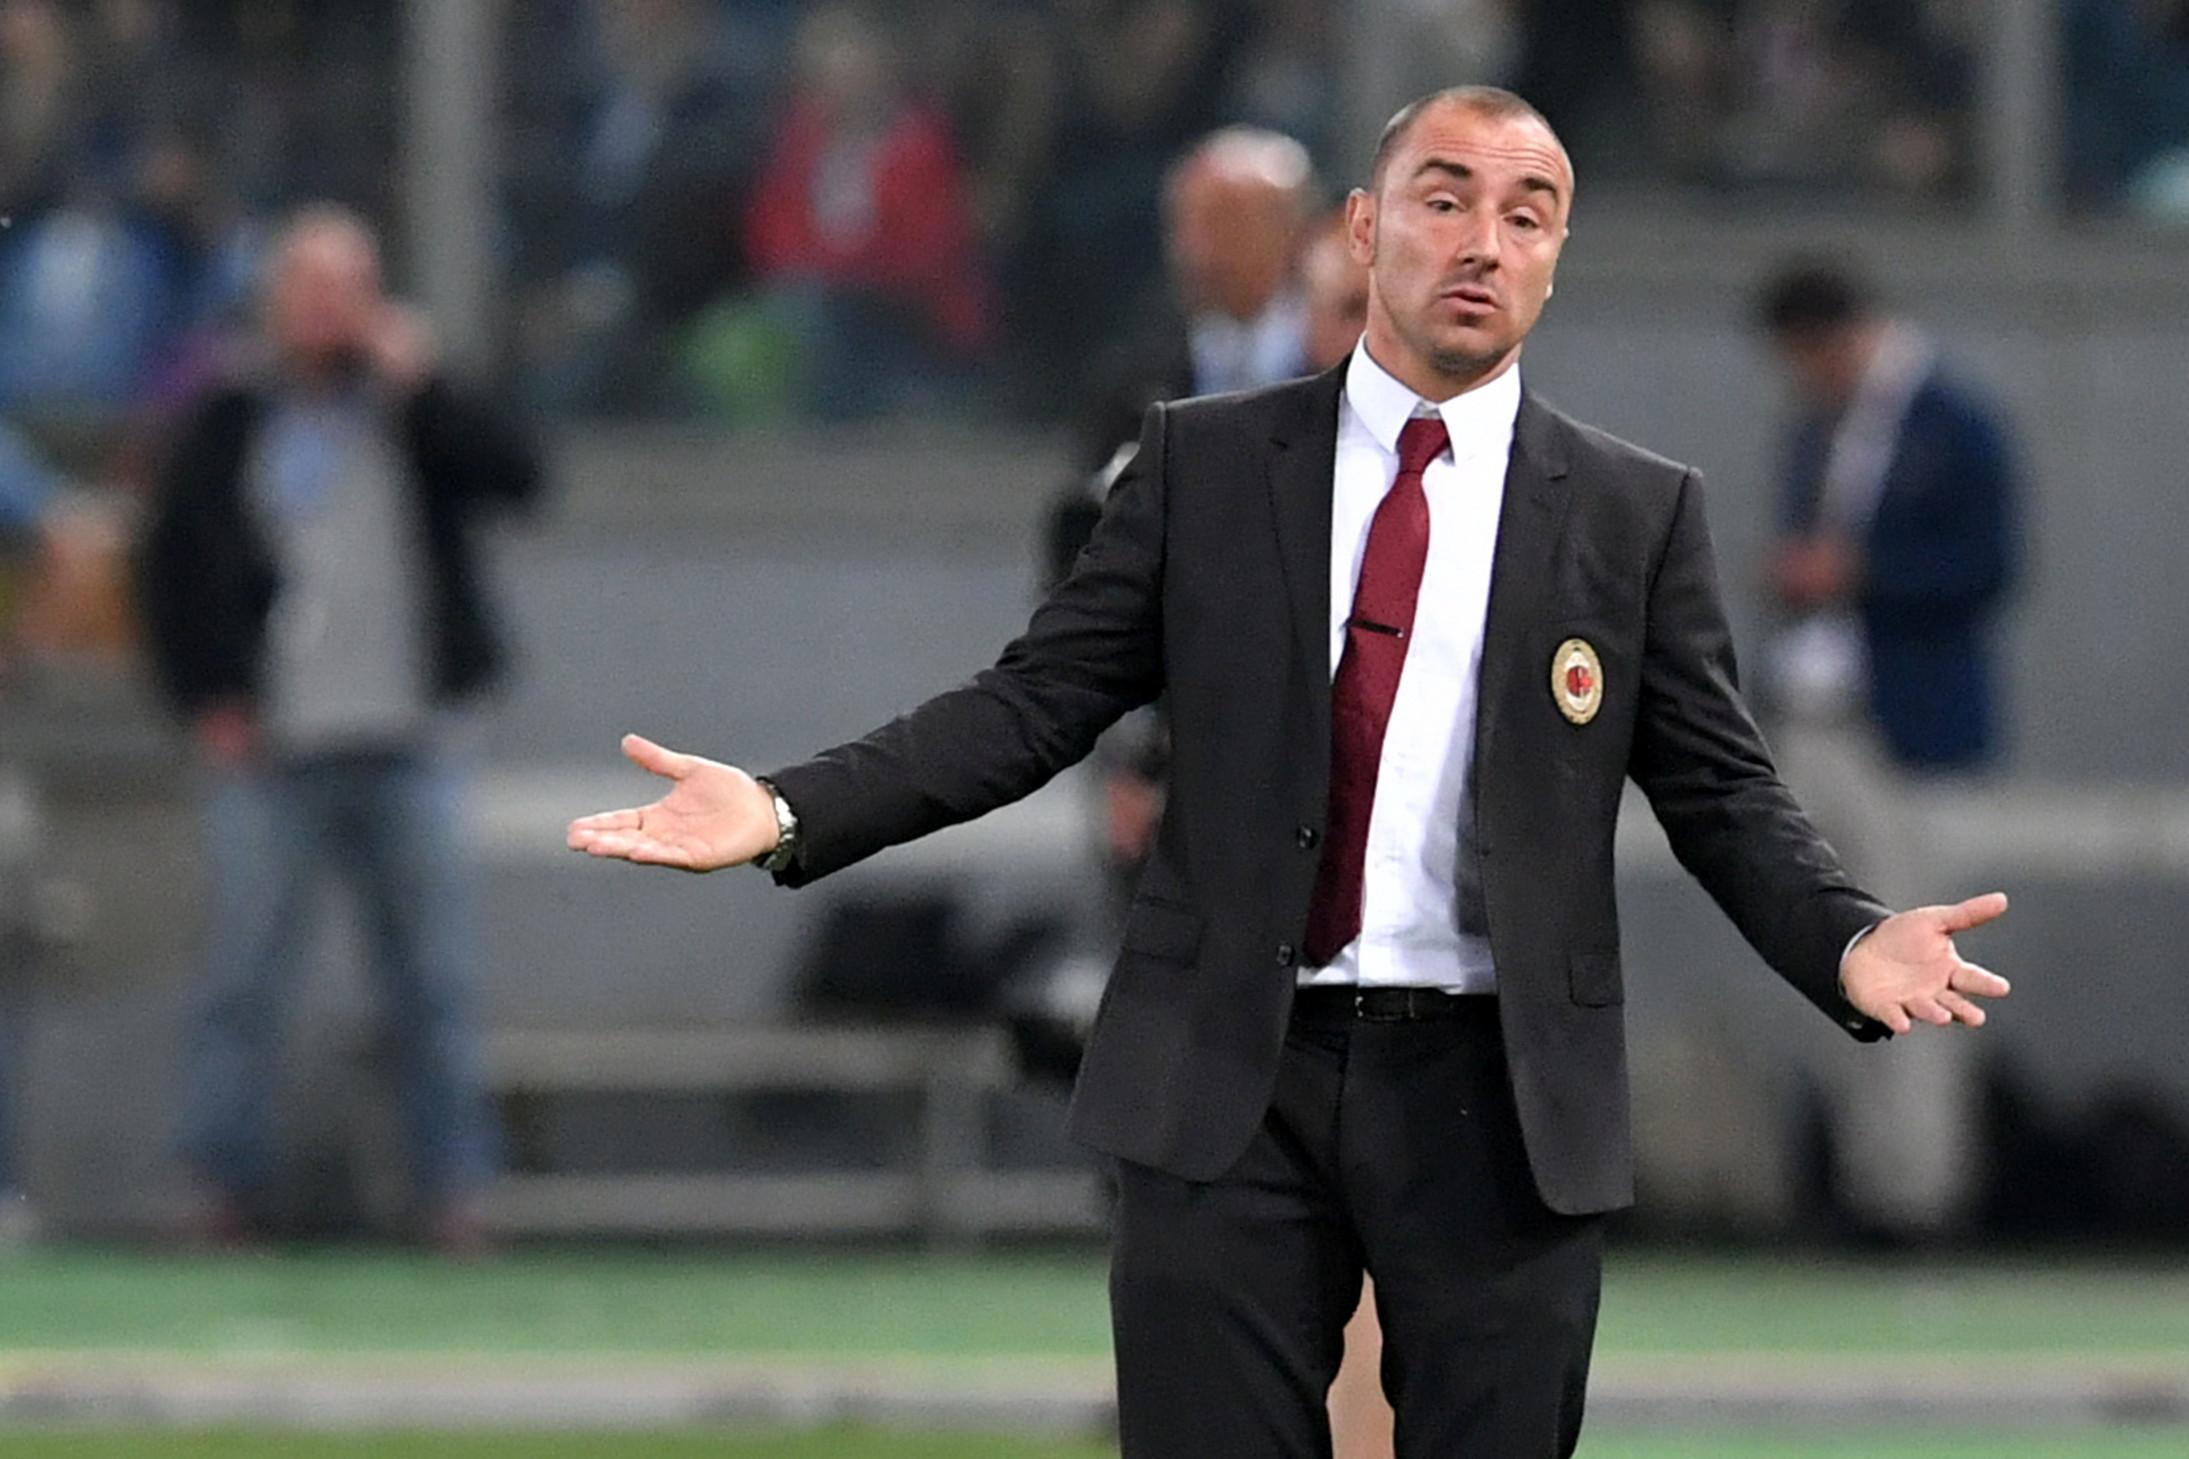 Cristian Brocchi allenò il Milan per appena 35 giorni, dall'esordio alla conclusione della stagione: è stato l'allenatore in carica per meno tempo della storia del Milan